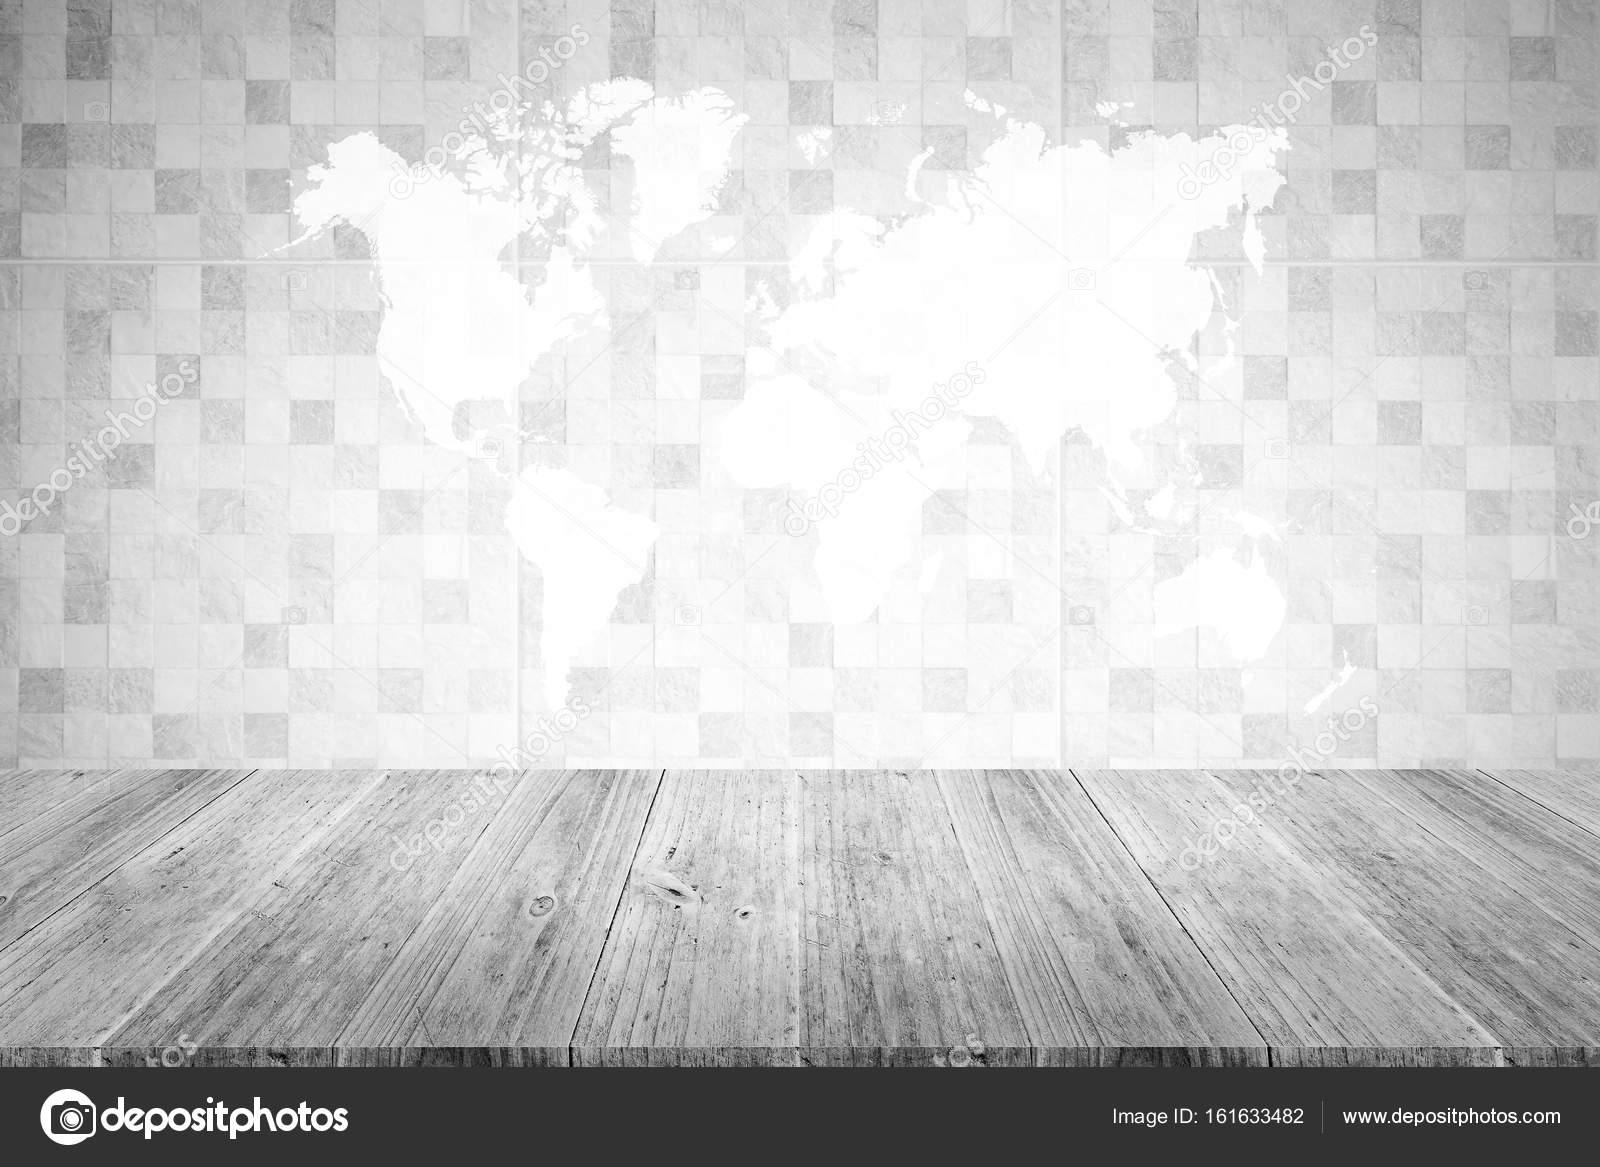 Legno Bianco Texture : Legno decapato bianco texture hallencyclopedia